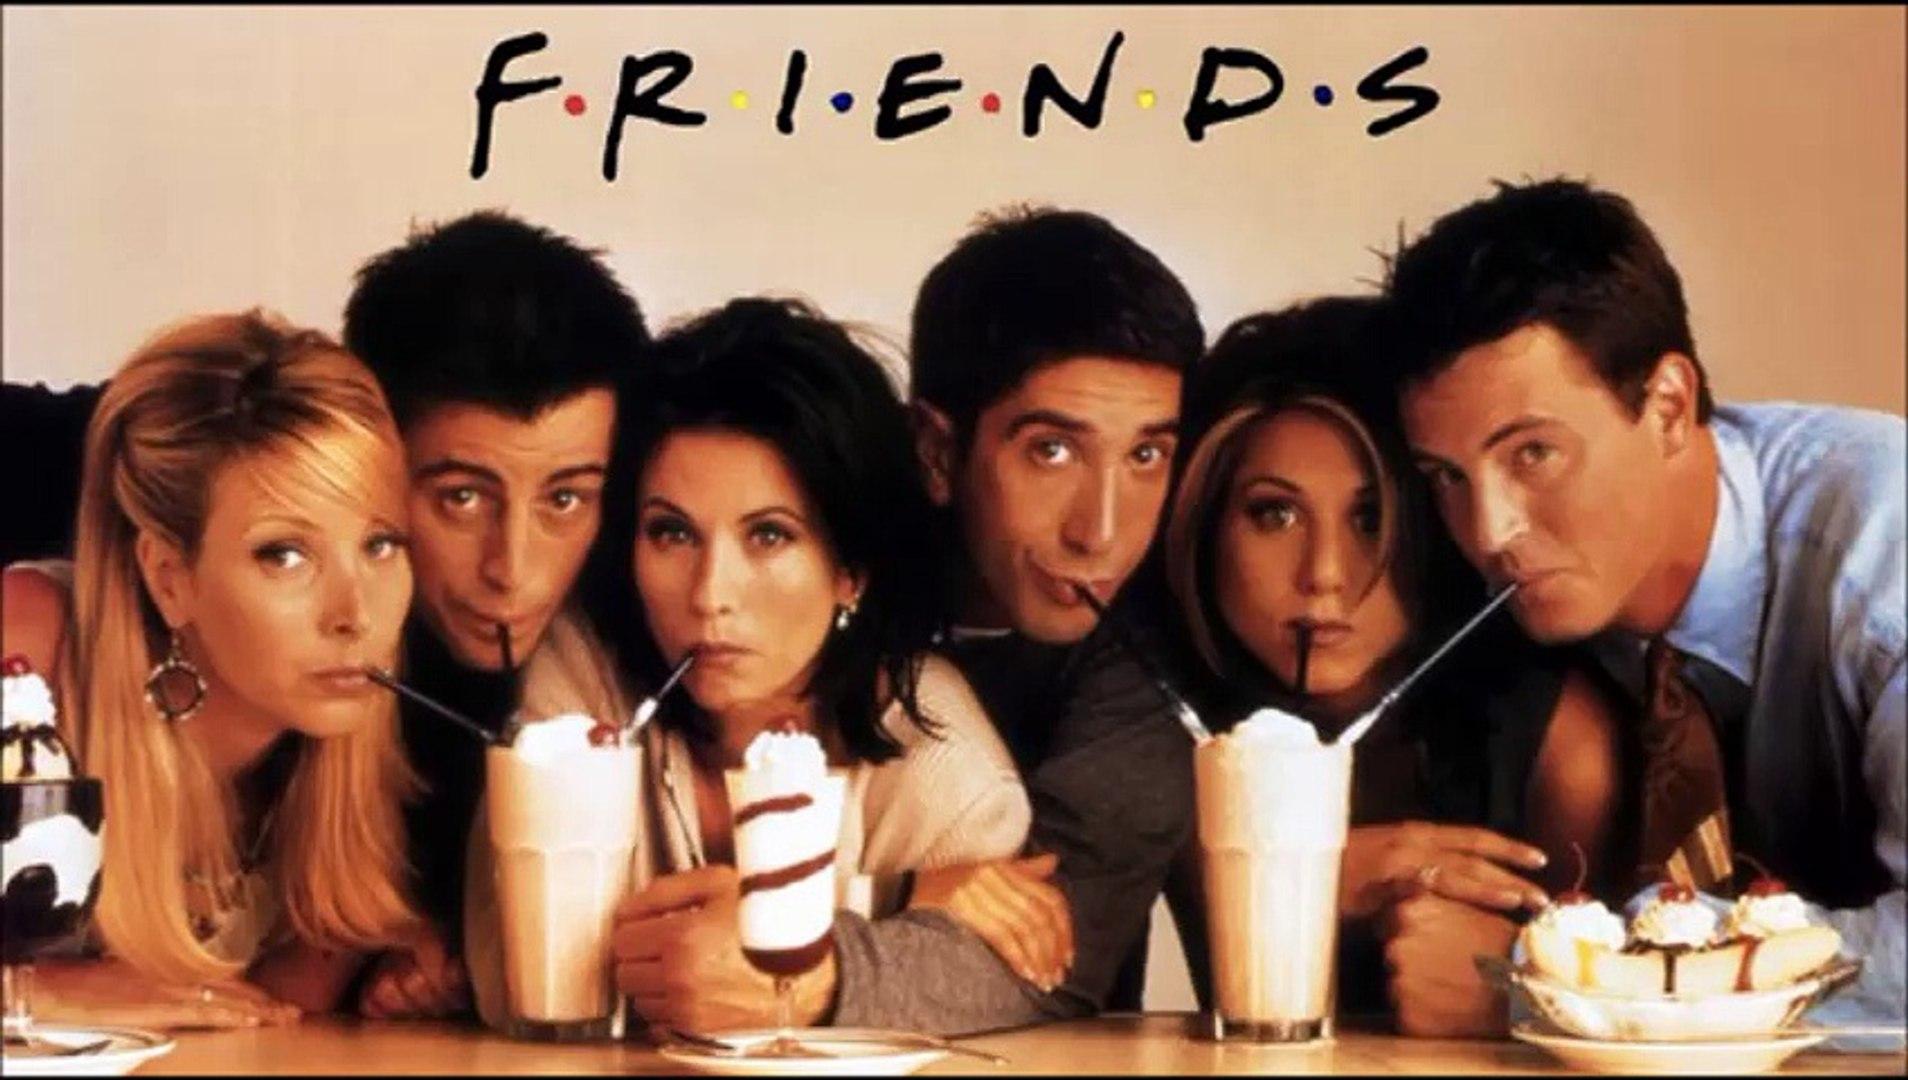 أفضل المسلسلات الاجنبية - مسلسل Friends